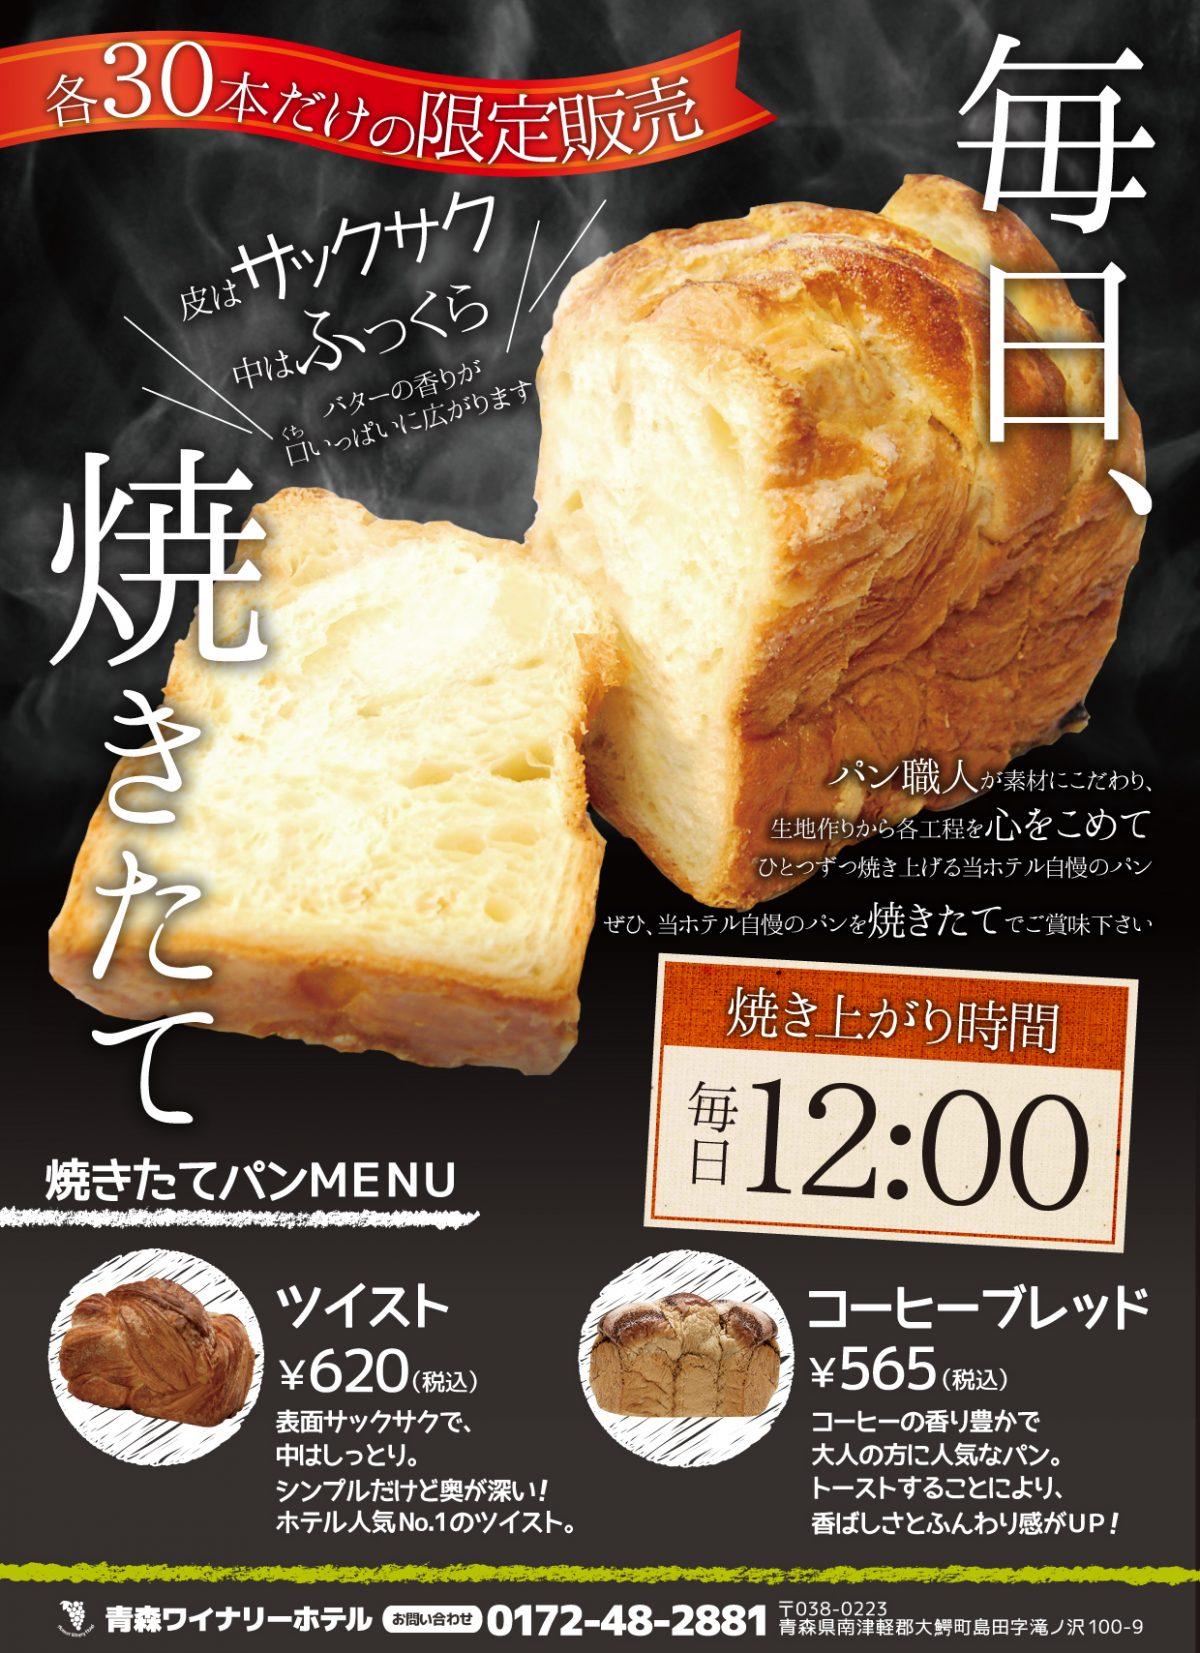 焼きたてパンのご案内